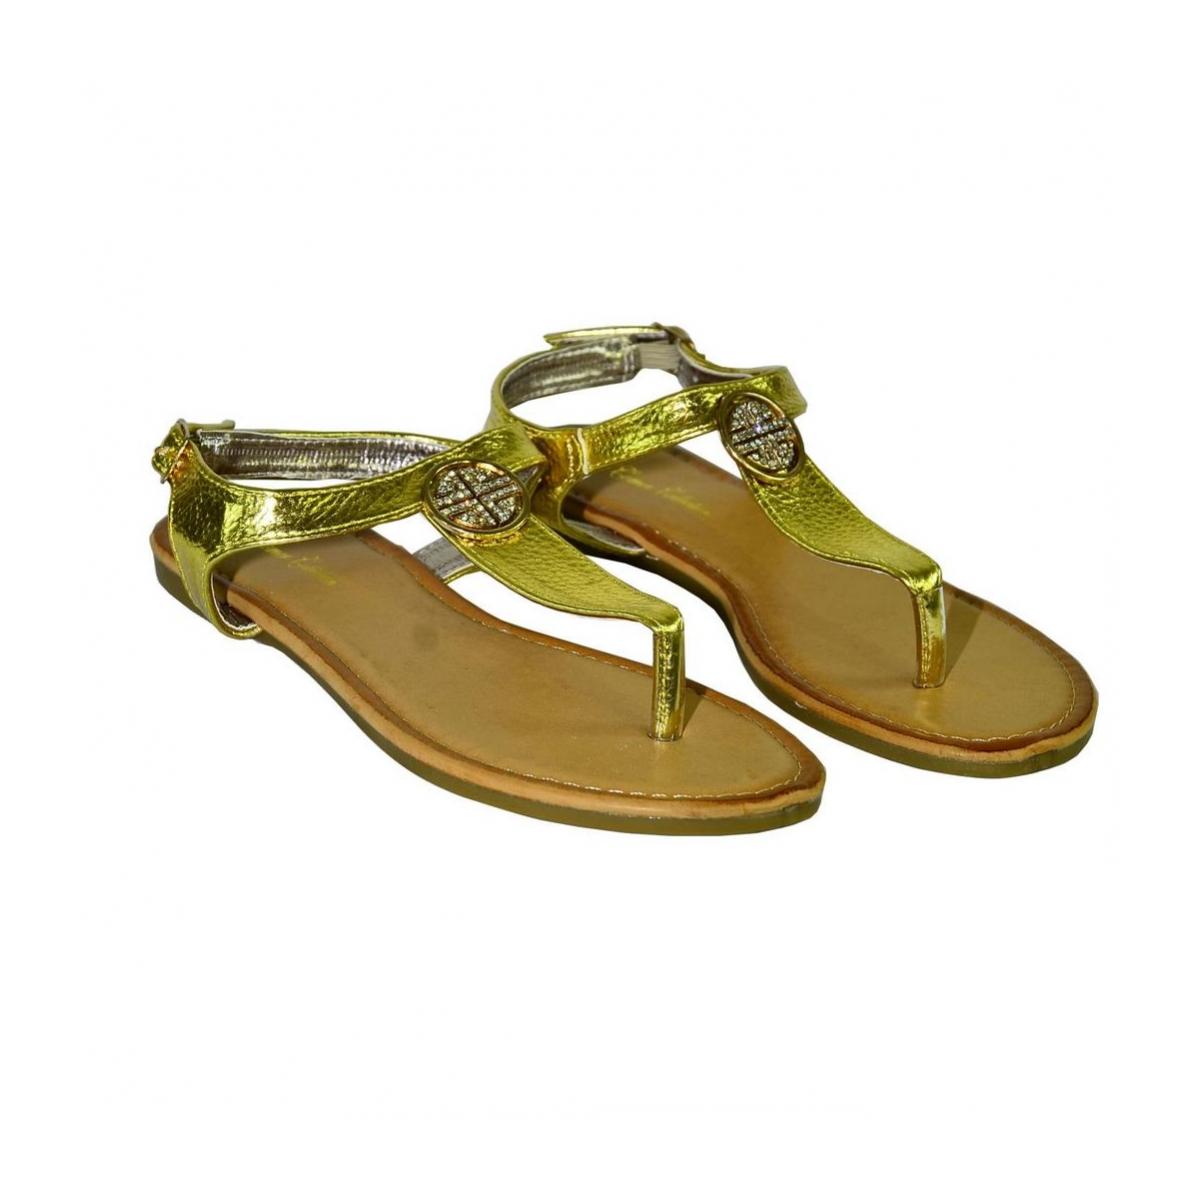 8cb60e1f120d3 Dámske zlaté nízke sandále COCO | Johnc.sk